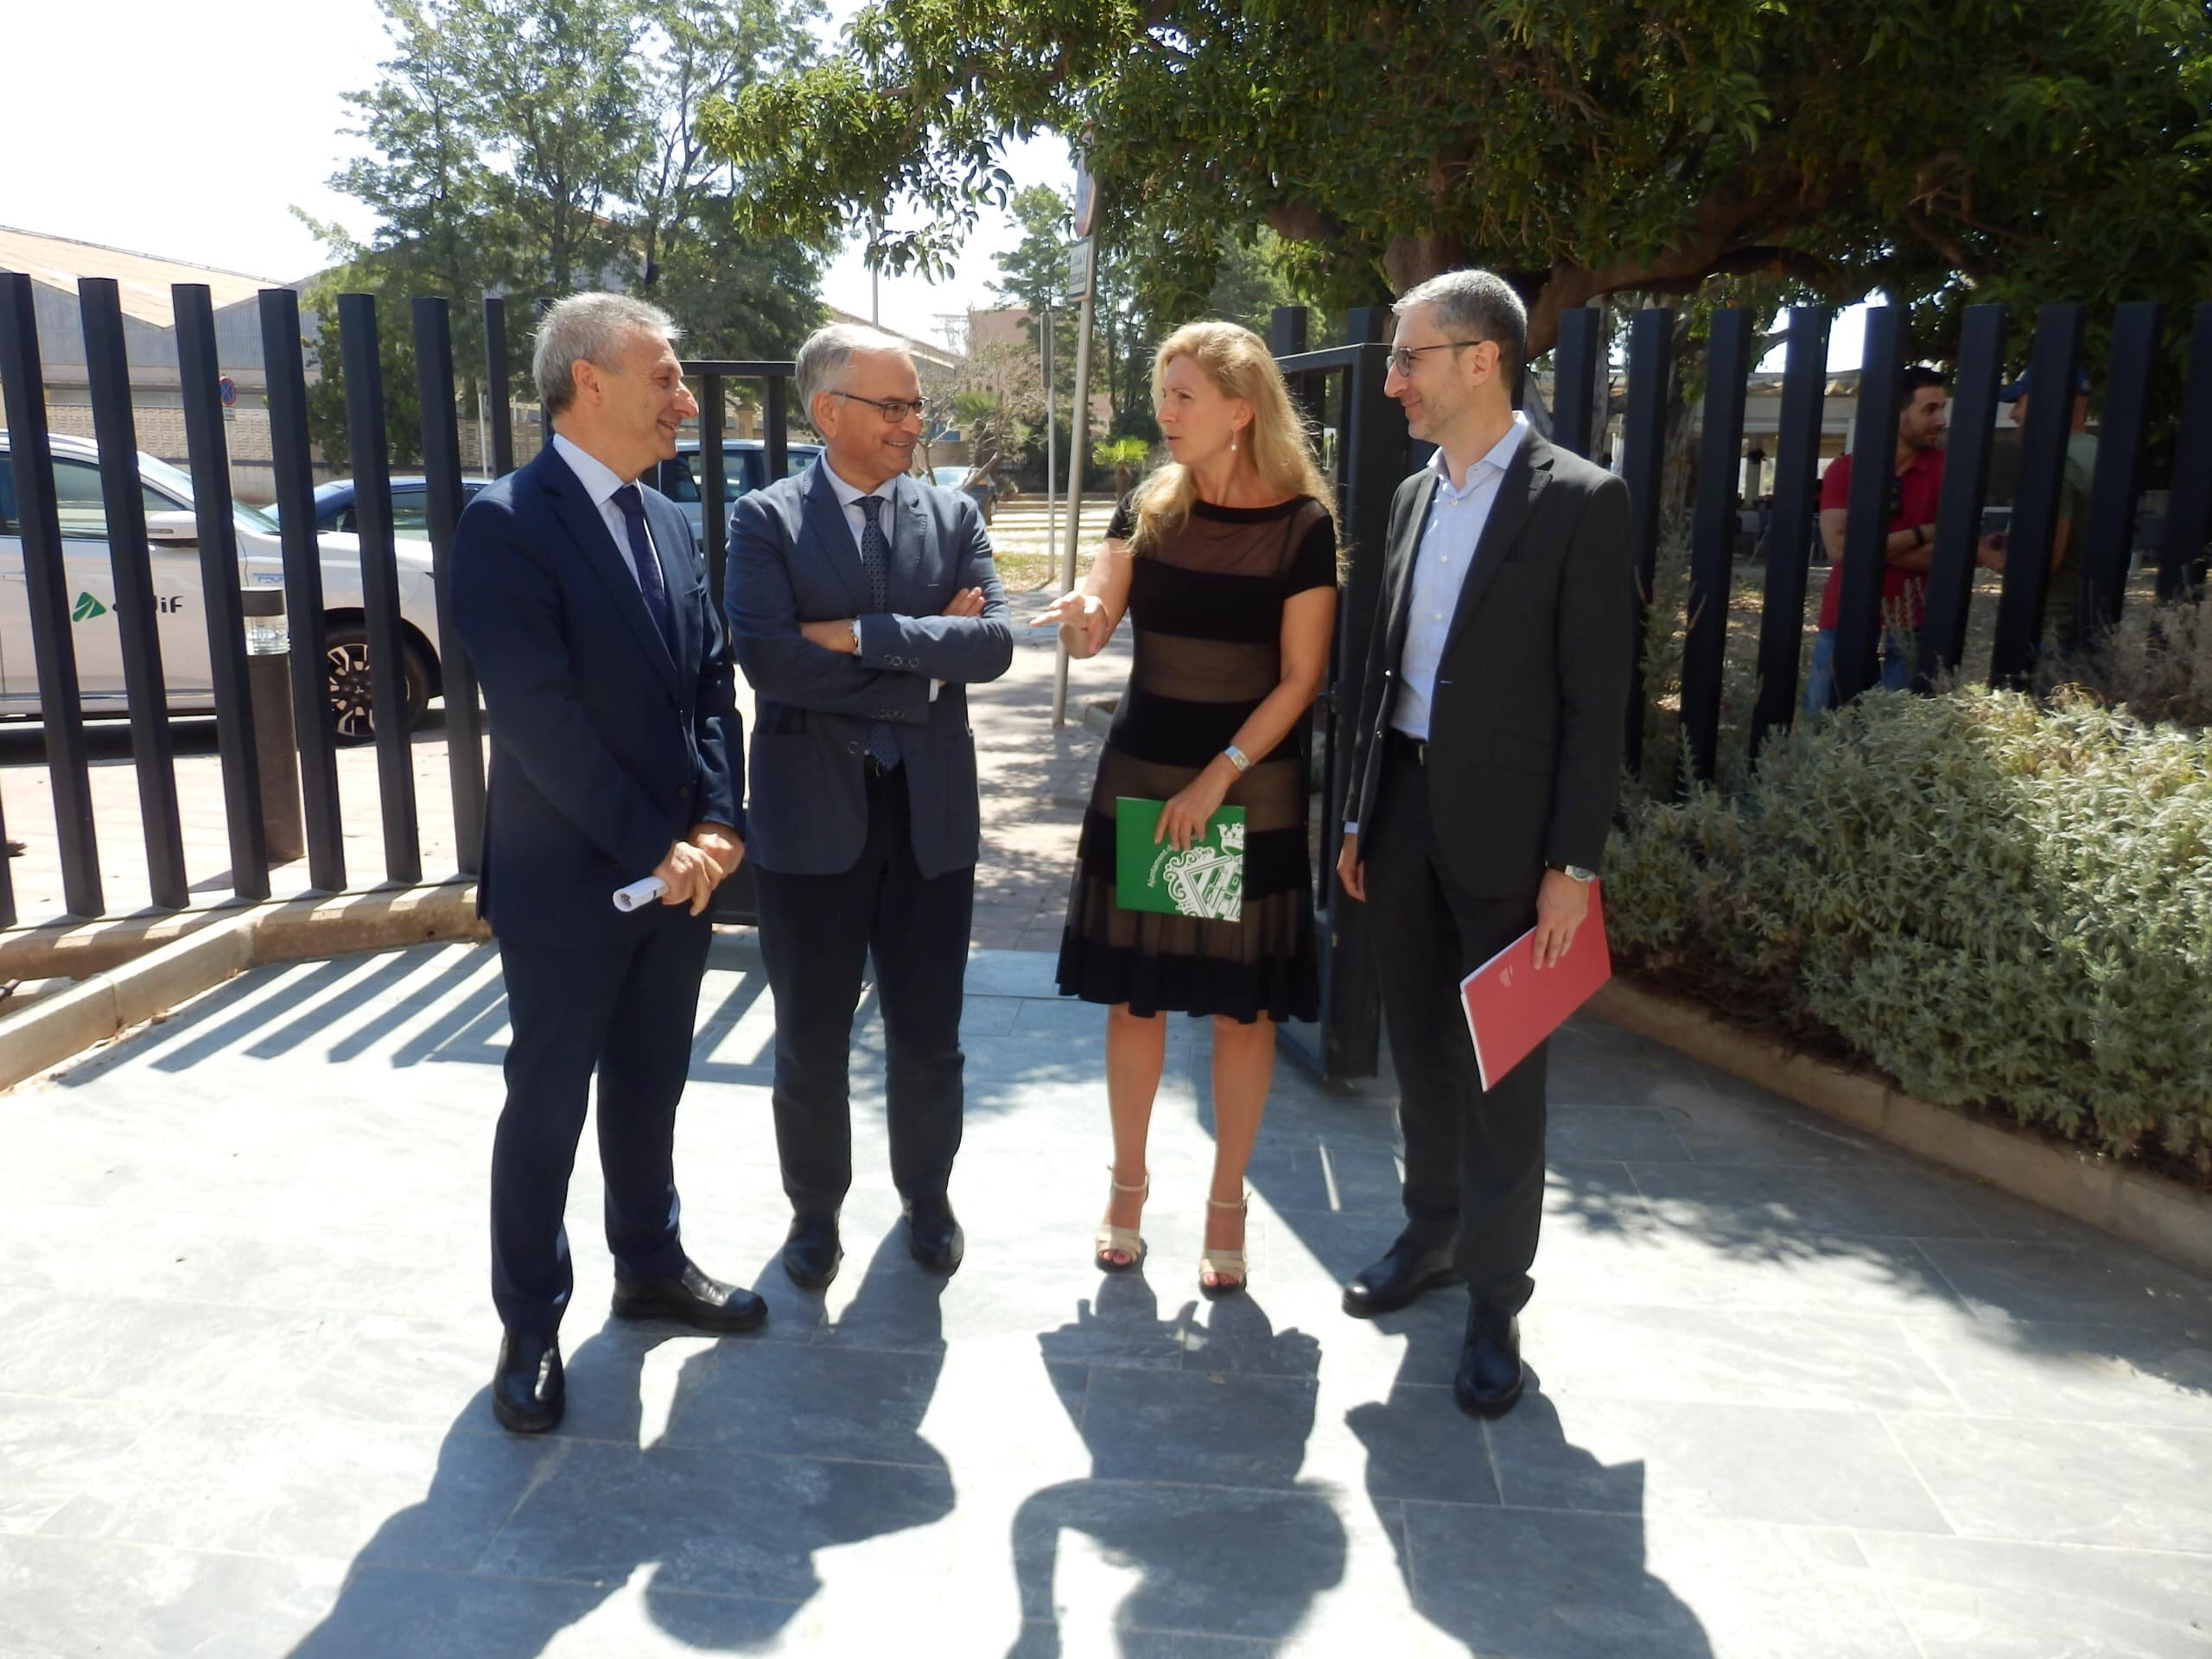 Los puertos del arco mediterráneo se unen en defensa del corredor